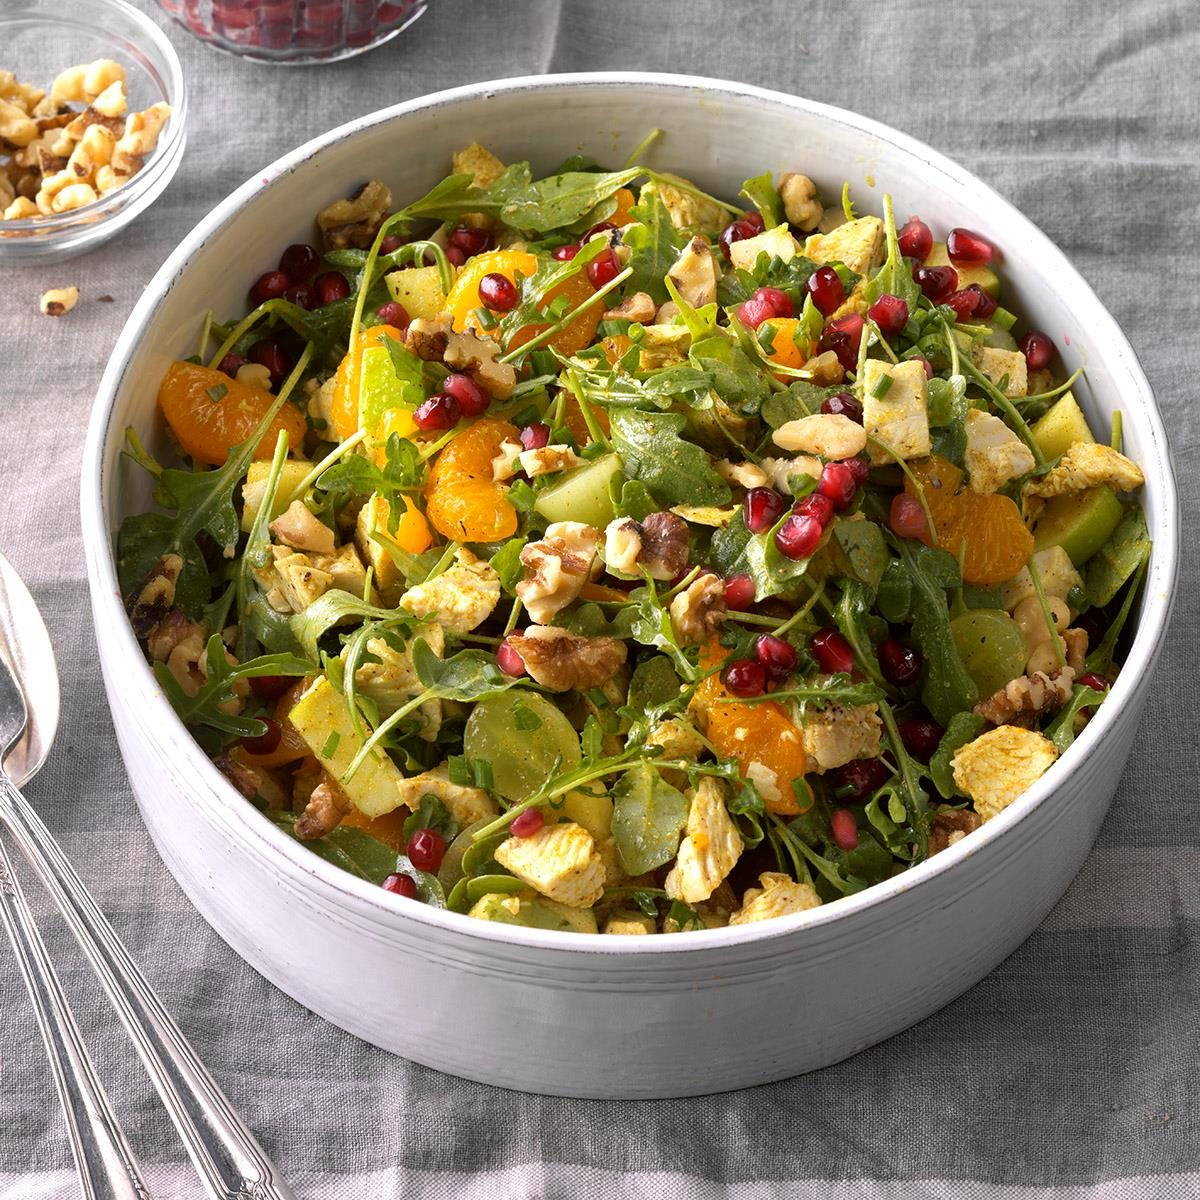 Turkey And Apple Arugula Salad Exps Hca18 180202 C08 25 5b 6